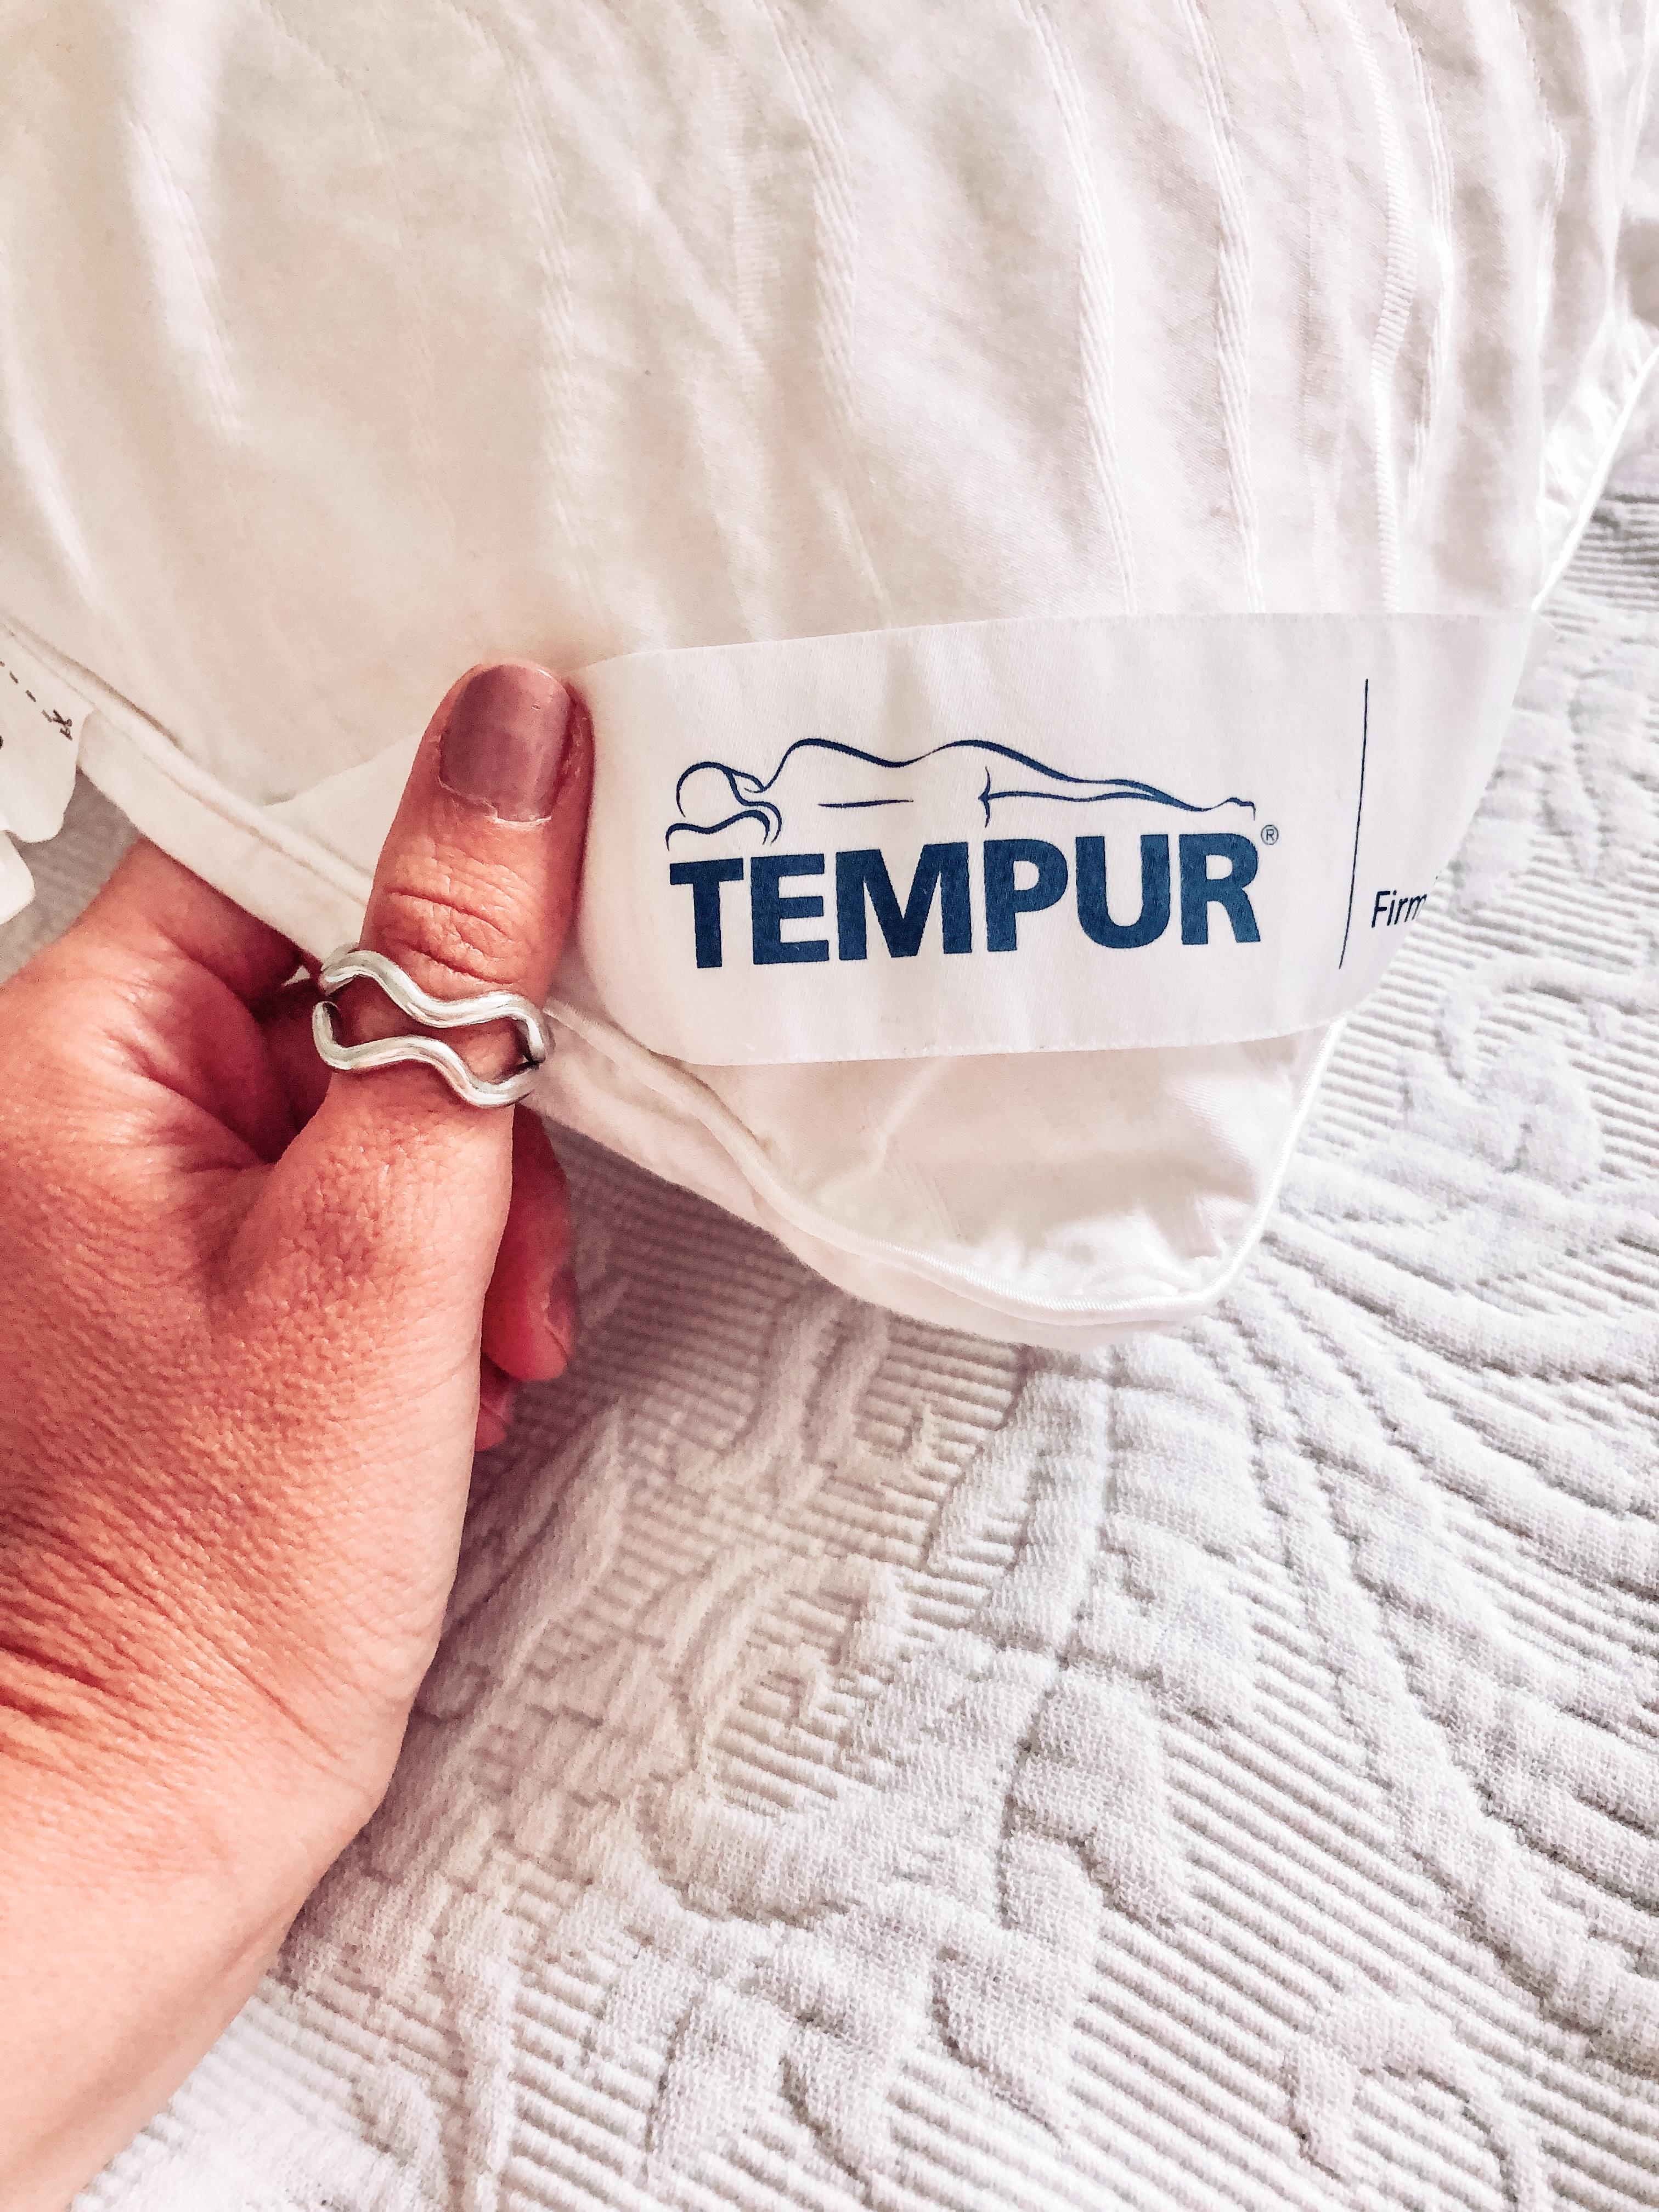 Tempur, riposo, dormire bene, qualità del sonno, impastastorie, impastastorie bistrot, riposare in quarante, quarante e riposo